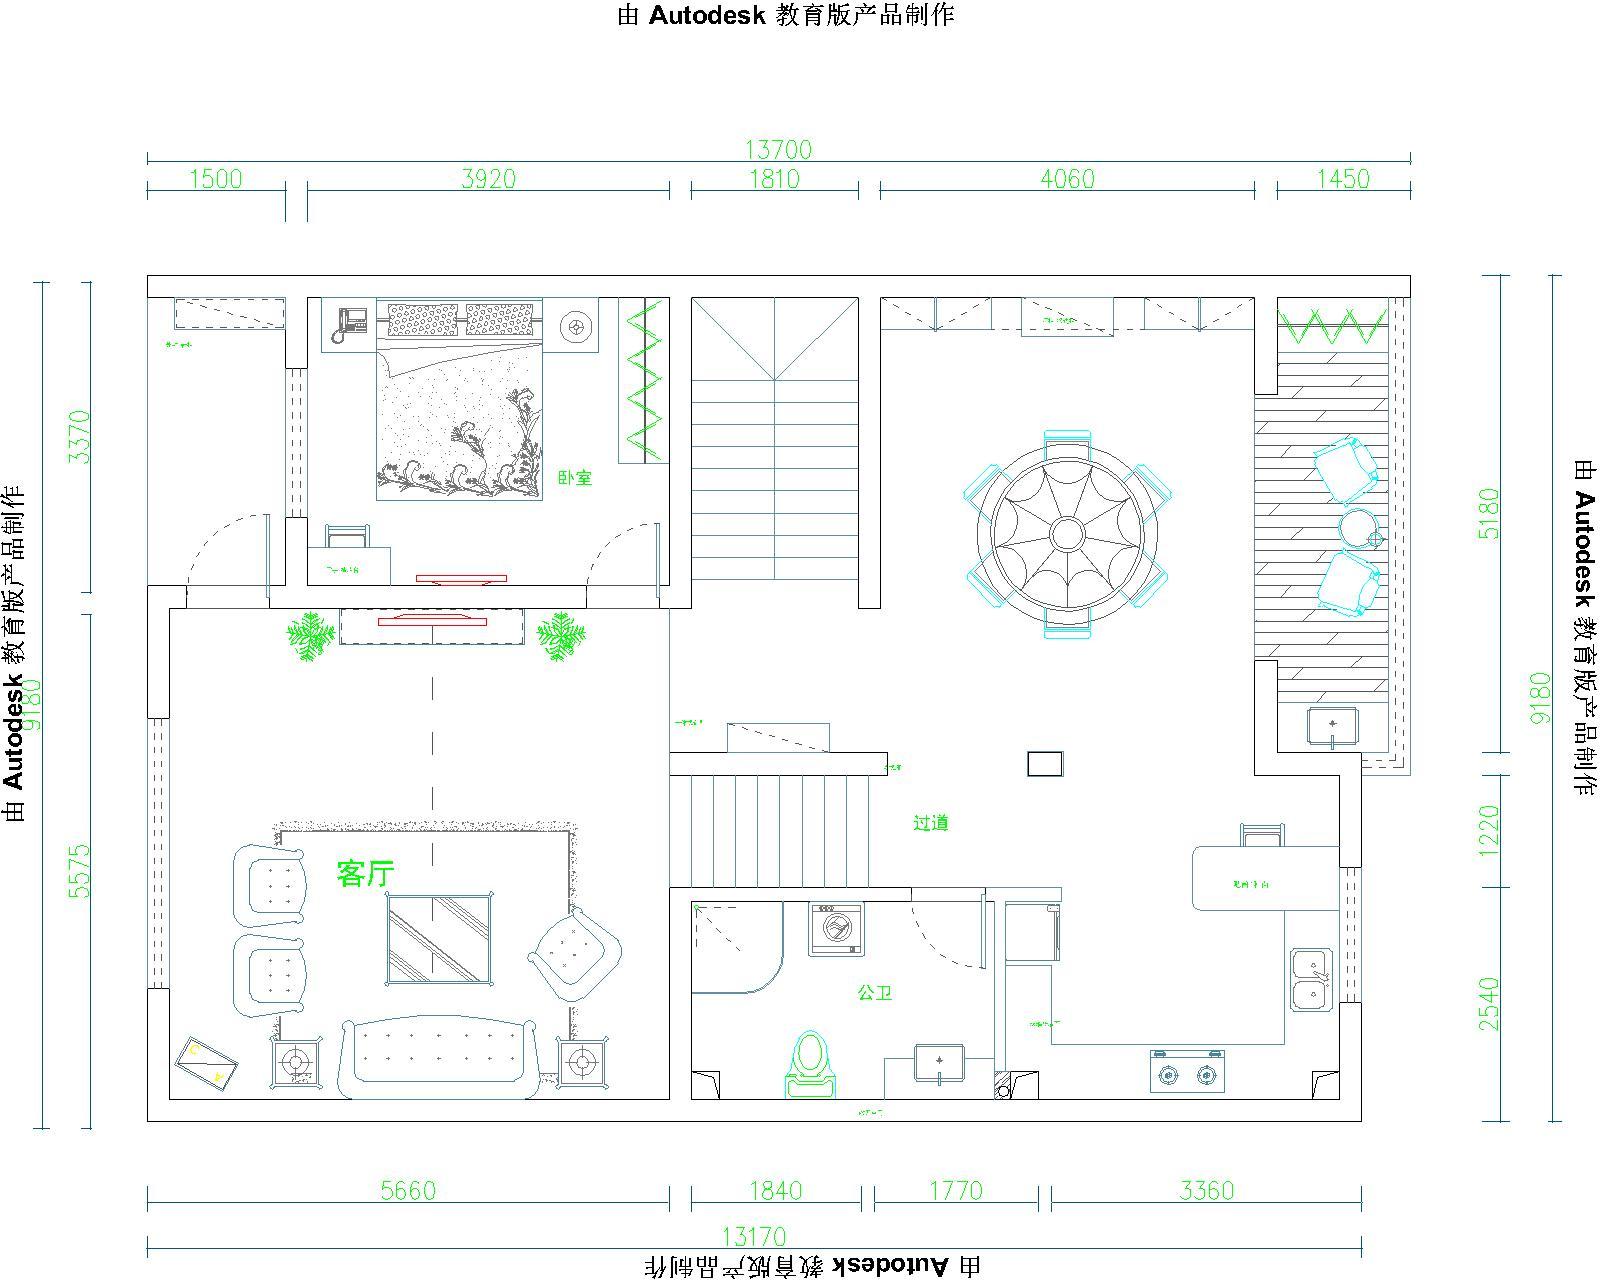 清水苑 复式 欧式 业之峰装饰 效果图 户型图图片来自文金春在清水苑装修效果图高贵典范的分享